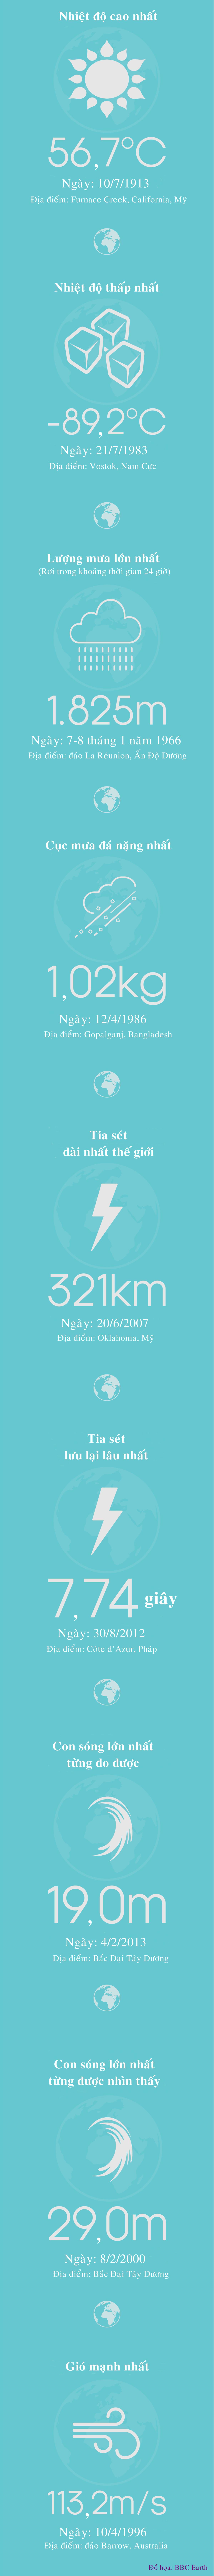 Những kỷ lục thời tiết khắc nghiệt nhất trên Trái Đất